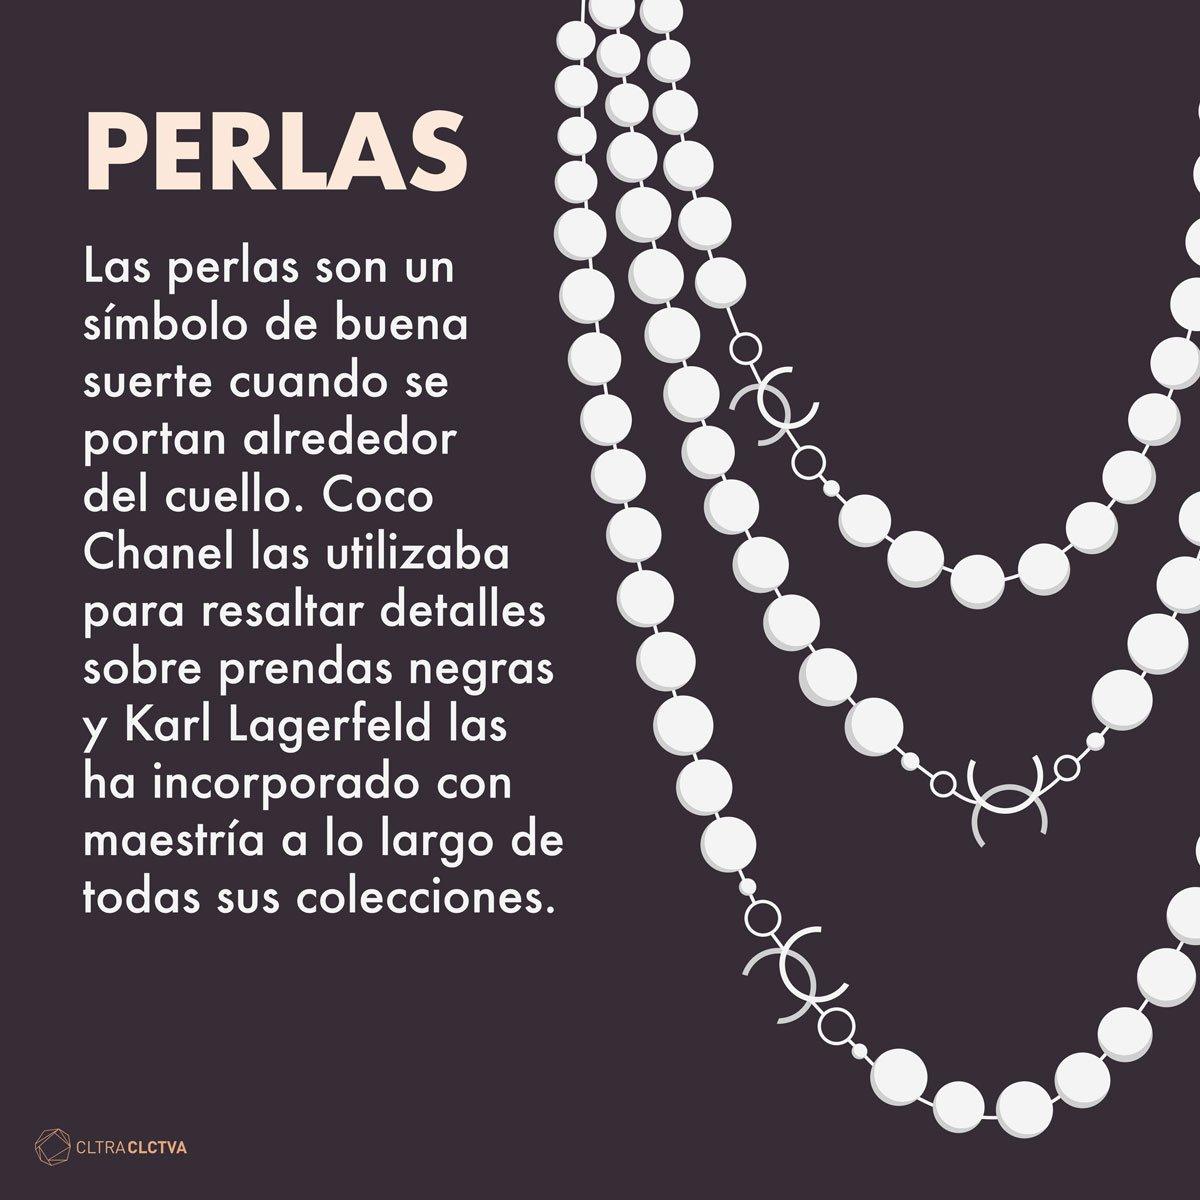 Los 4 accesorios con los que Coco Chanel revolucionó el mundo de la moda para siempre ✨